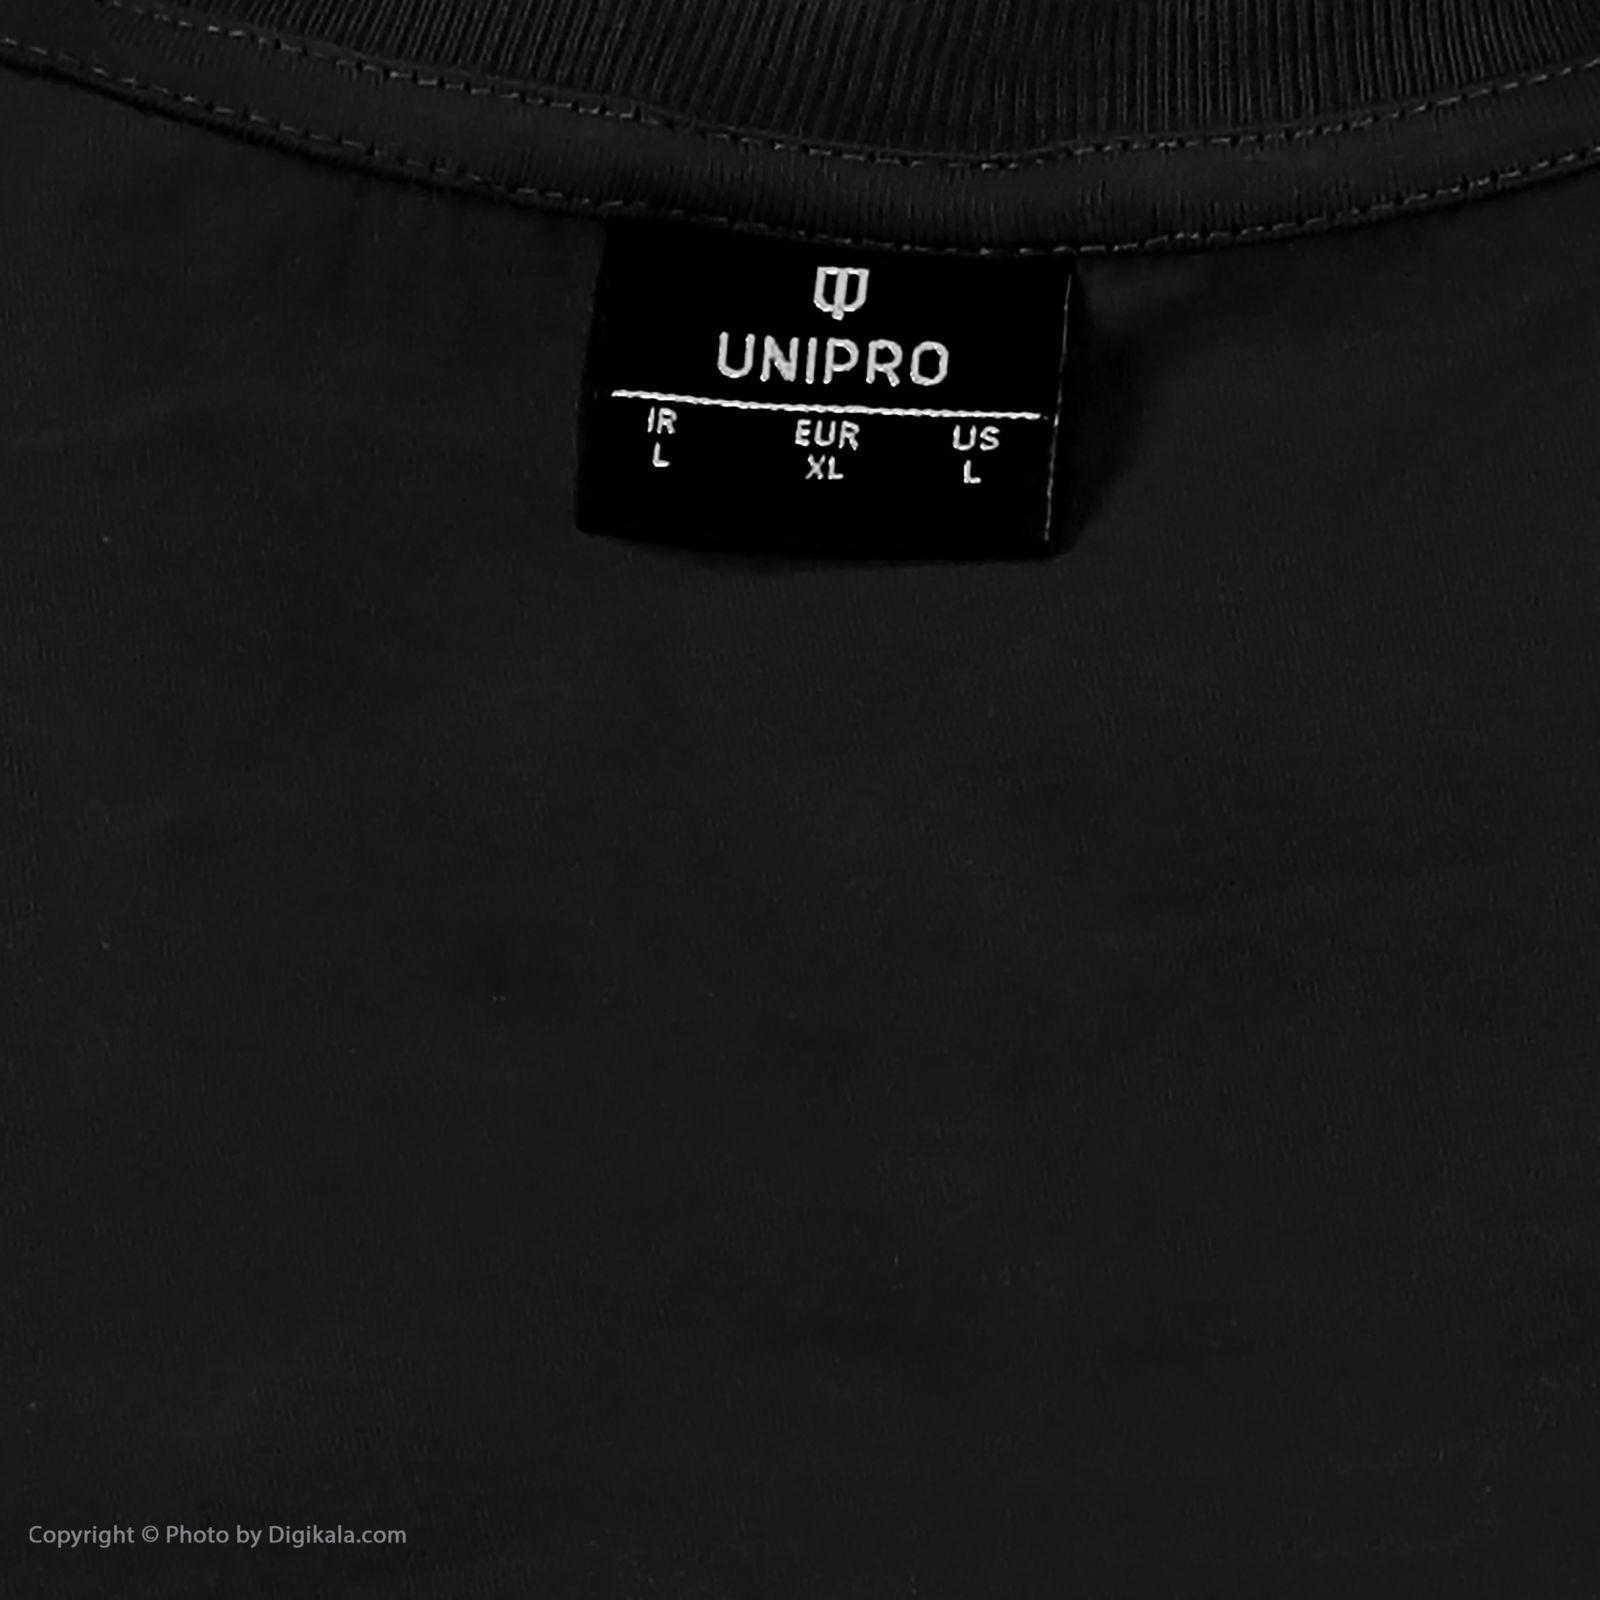 تی شرت ورزشی مردانه یونی پرو مدل 914119318-95 -  - 6